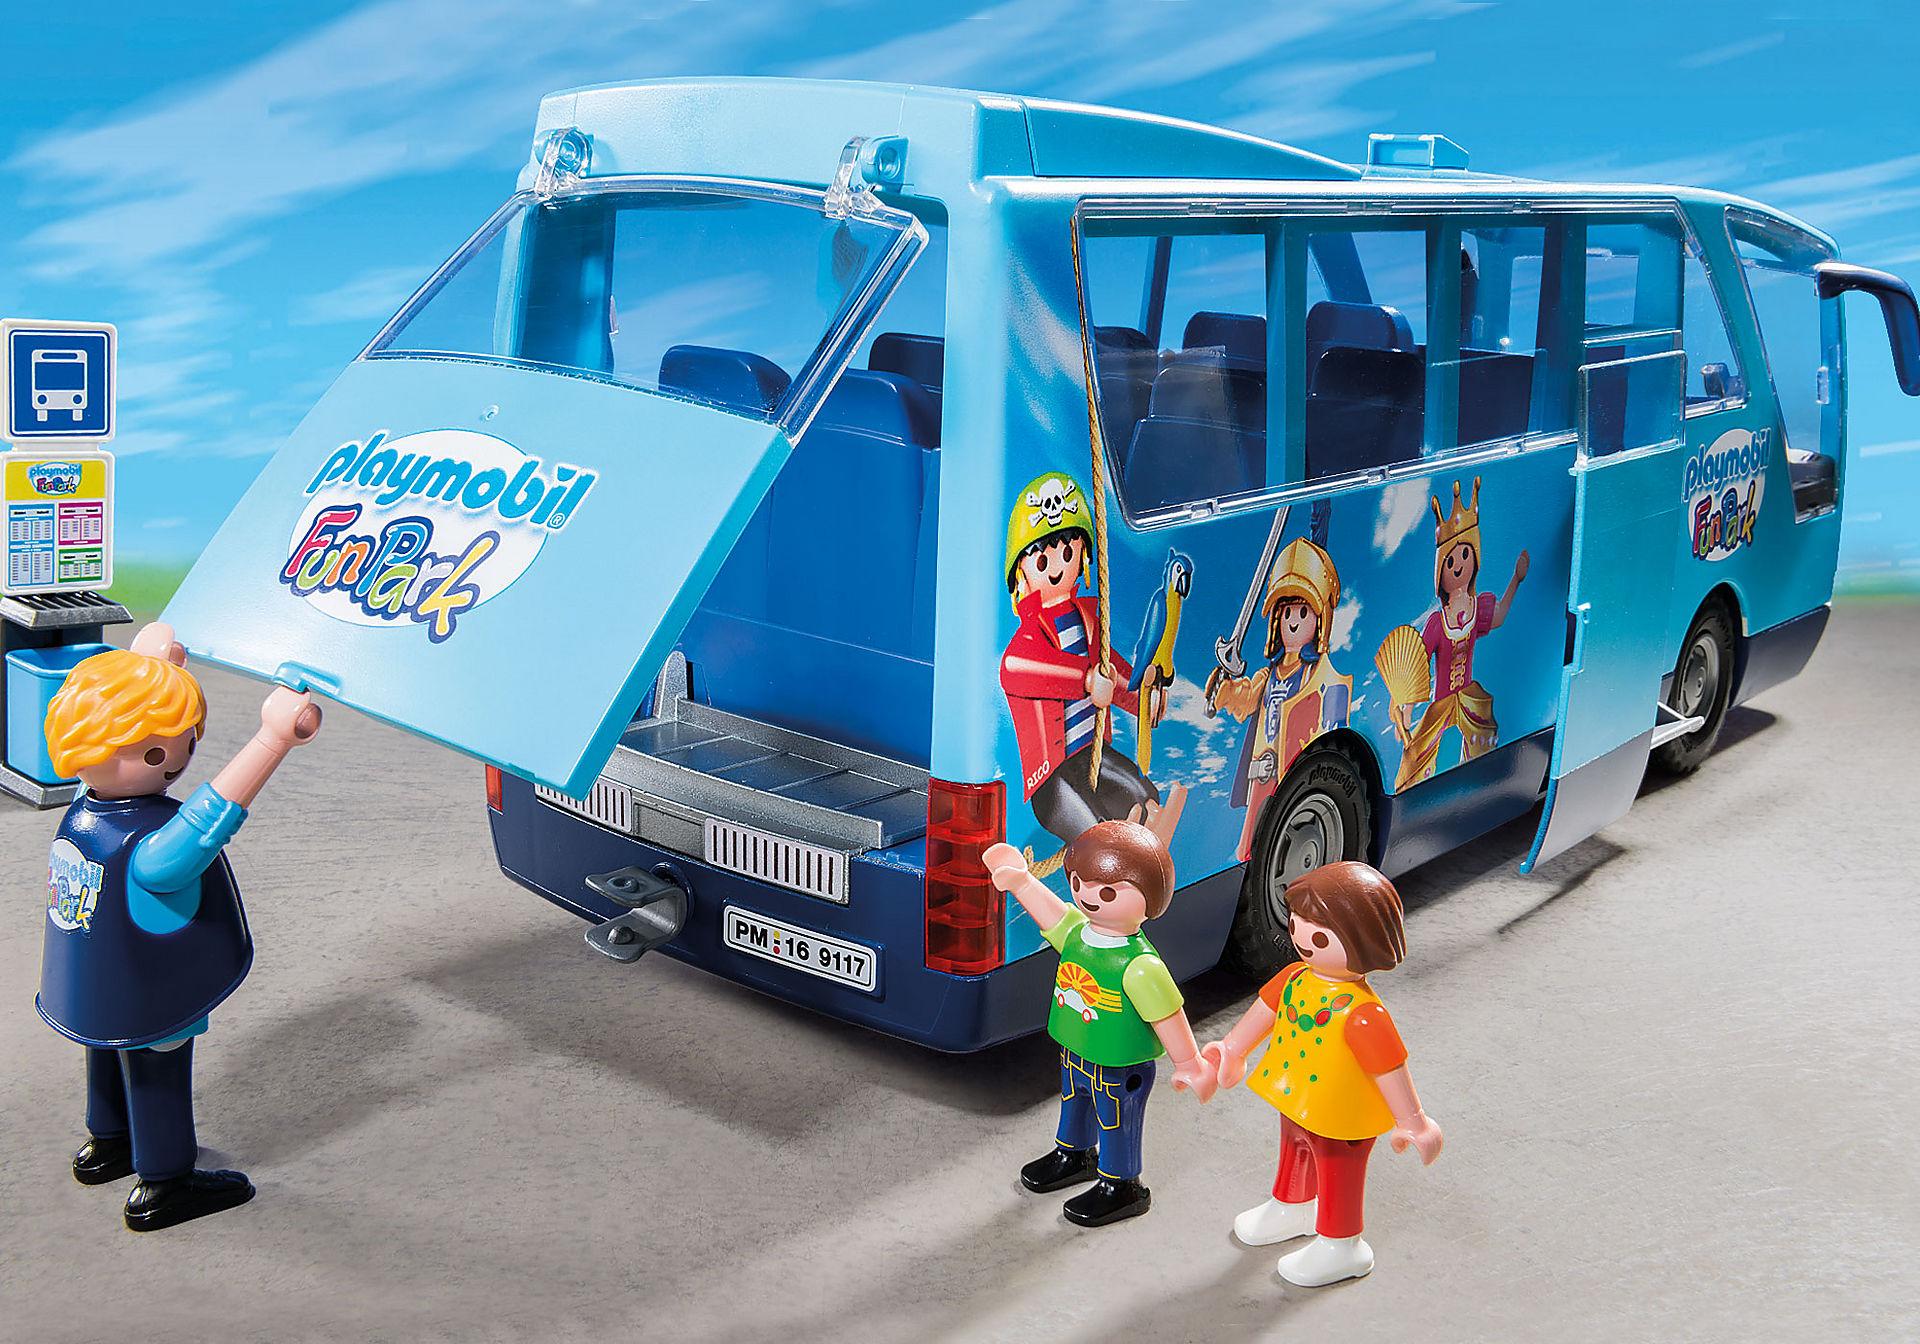 http://media.playmobil.com/i/playmobil/9117_product_extra3/PLAYMOBIL-FunPark Transporte Escolar